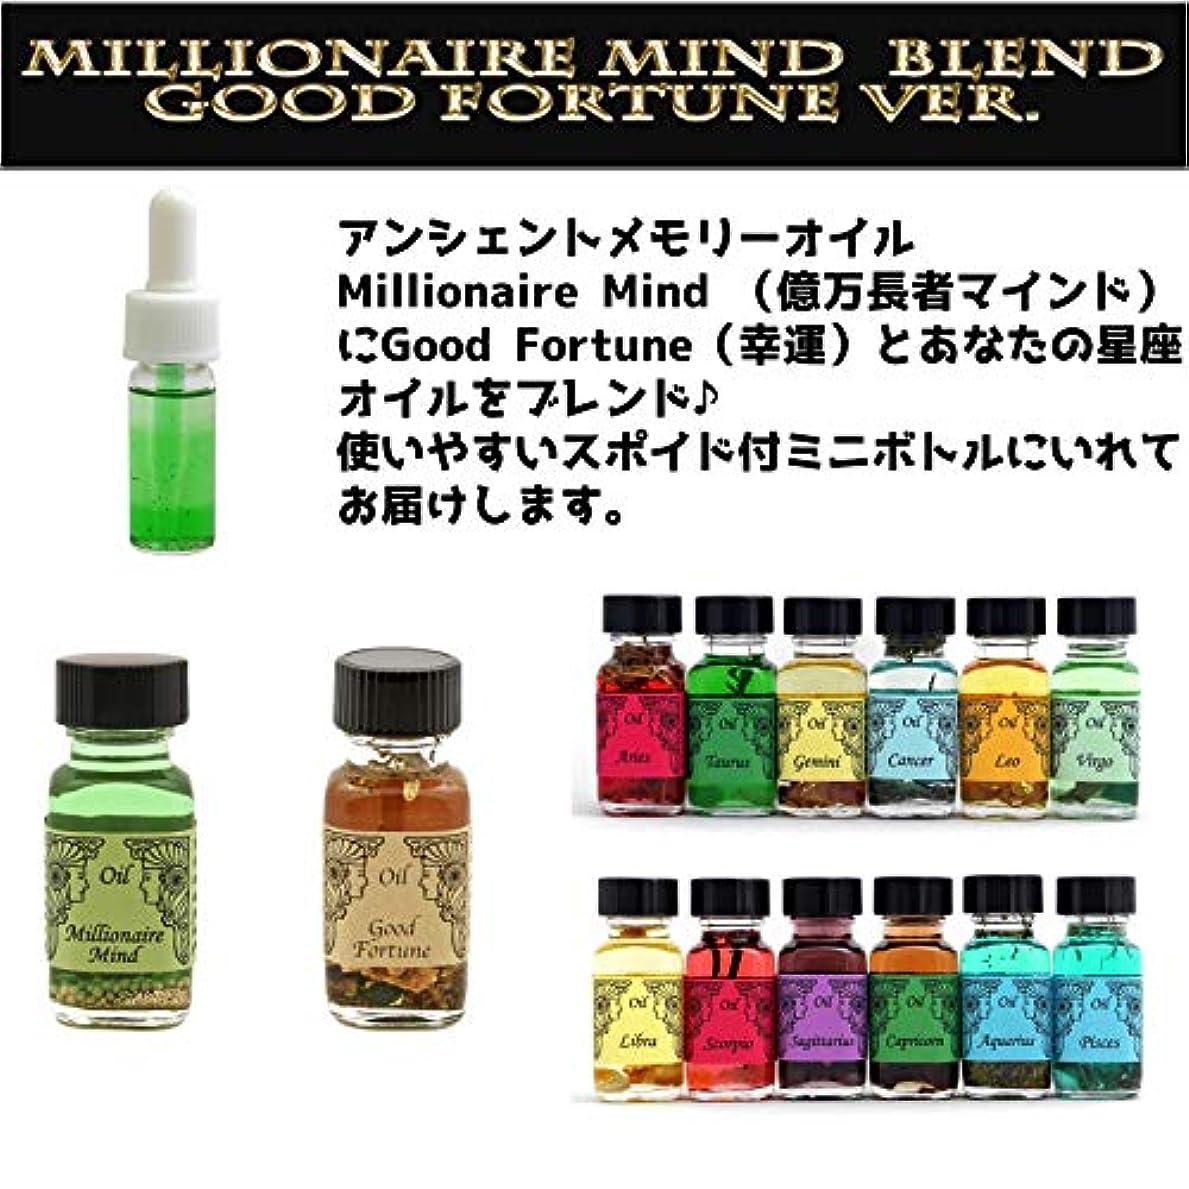 秀でる信頼性のある苦しむアンシェントメモリーオイル Millionaire Mind 億万長者マインド ブレンド【Good Fortune グッドフォーチュン 幸運&てんびん座】